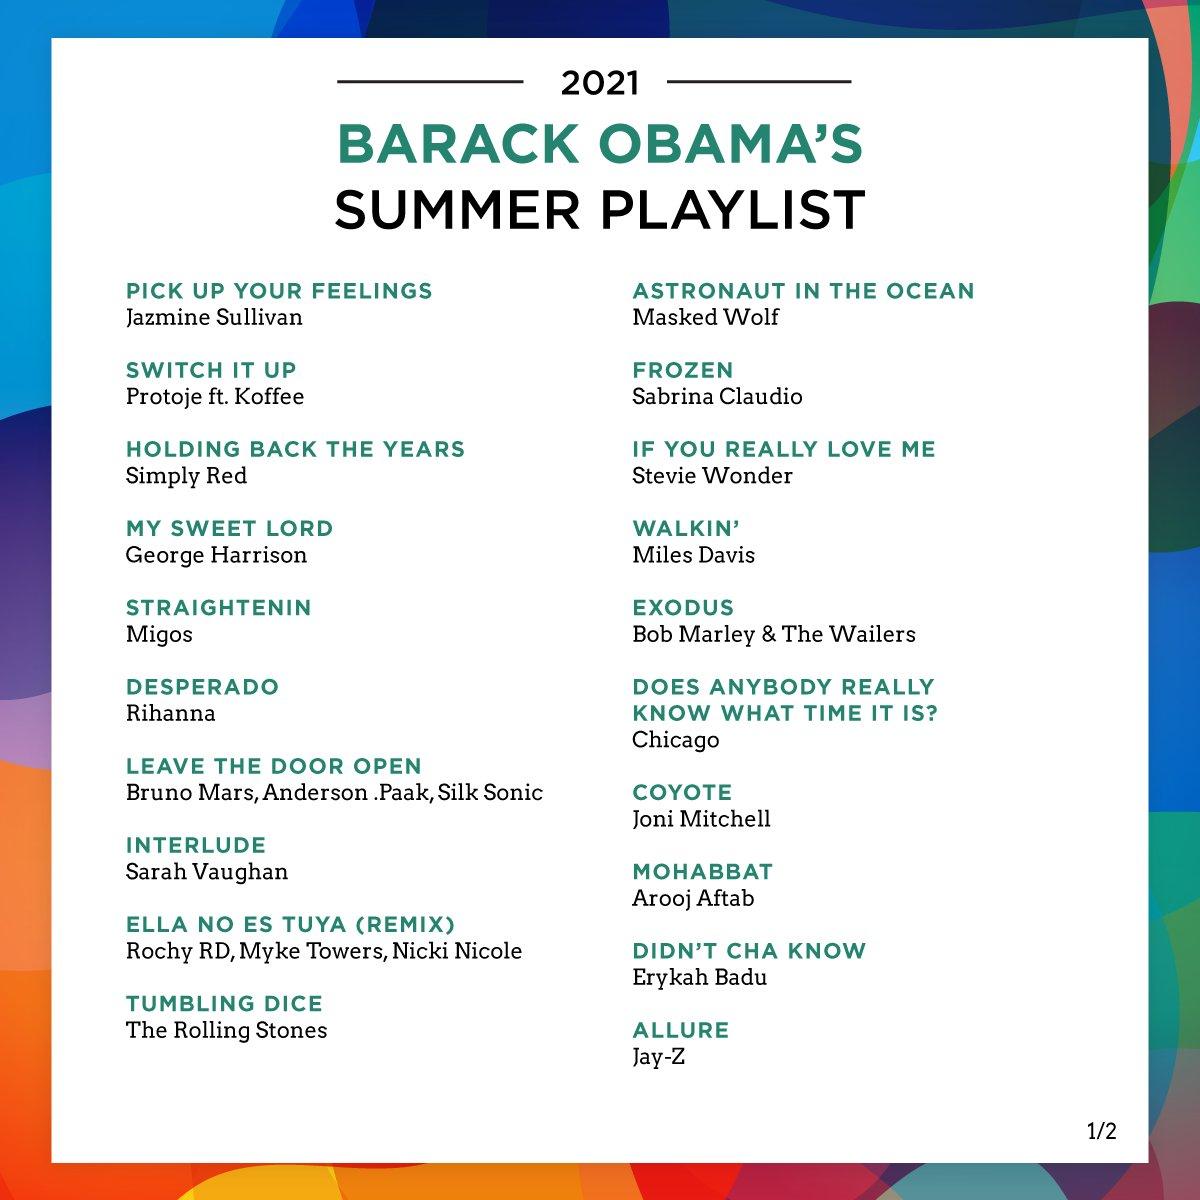 奥巴马分享最新夏日歌单..这些人上榜